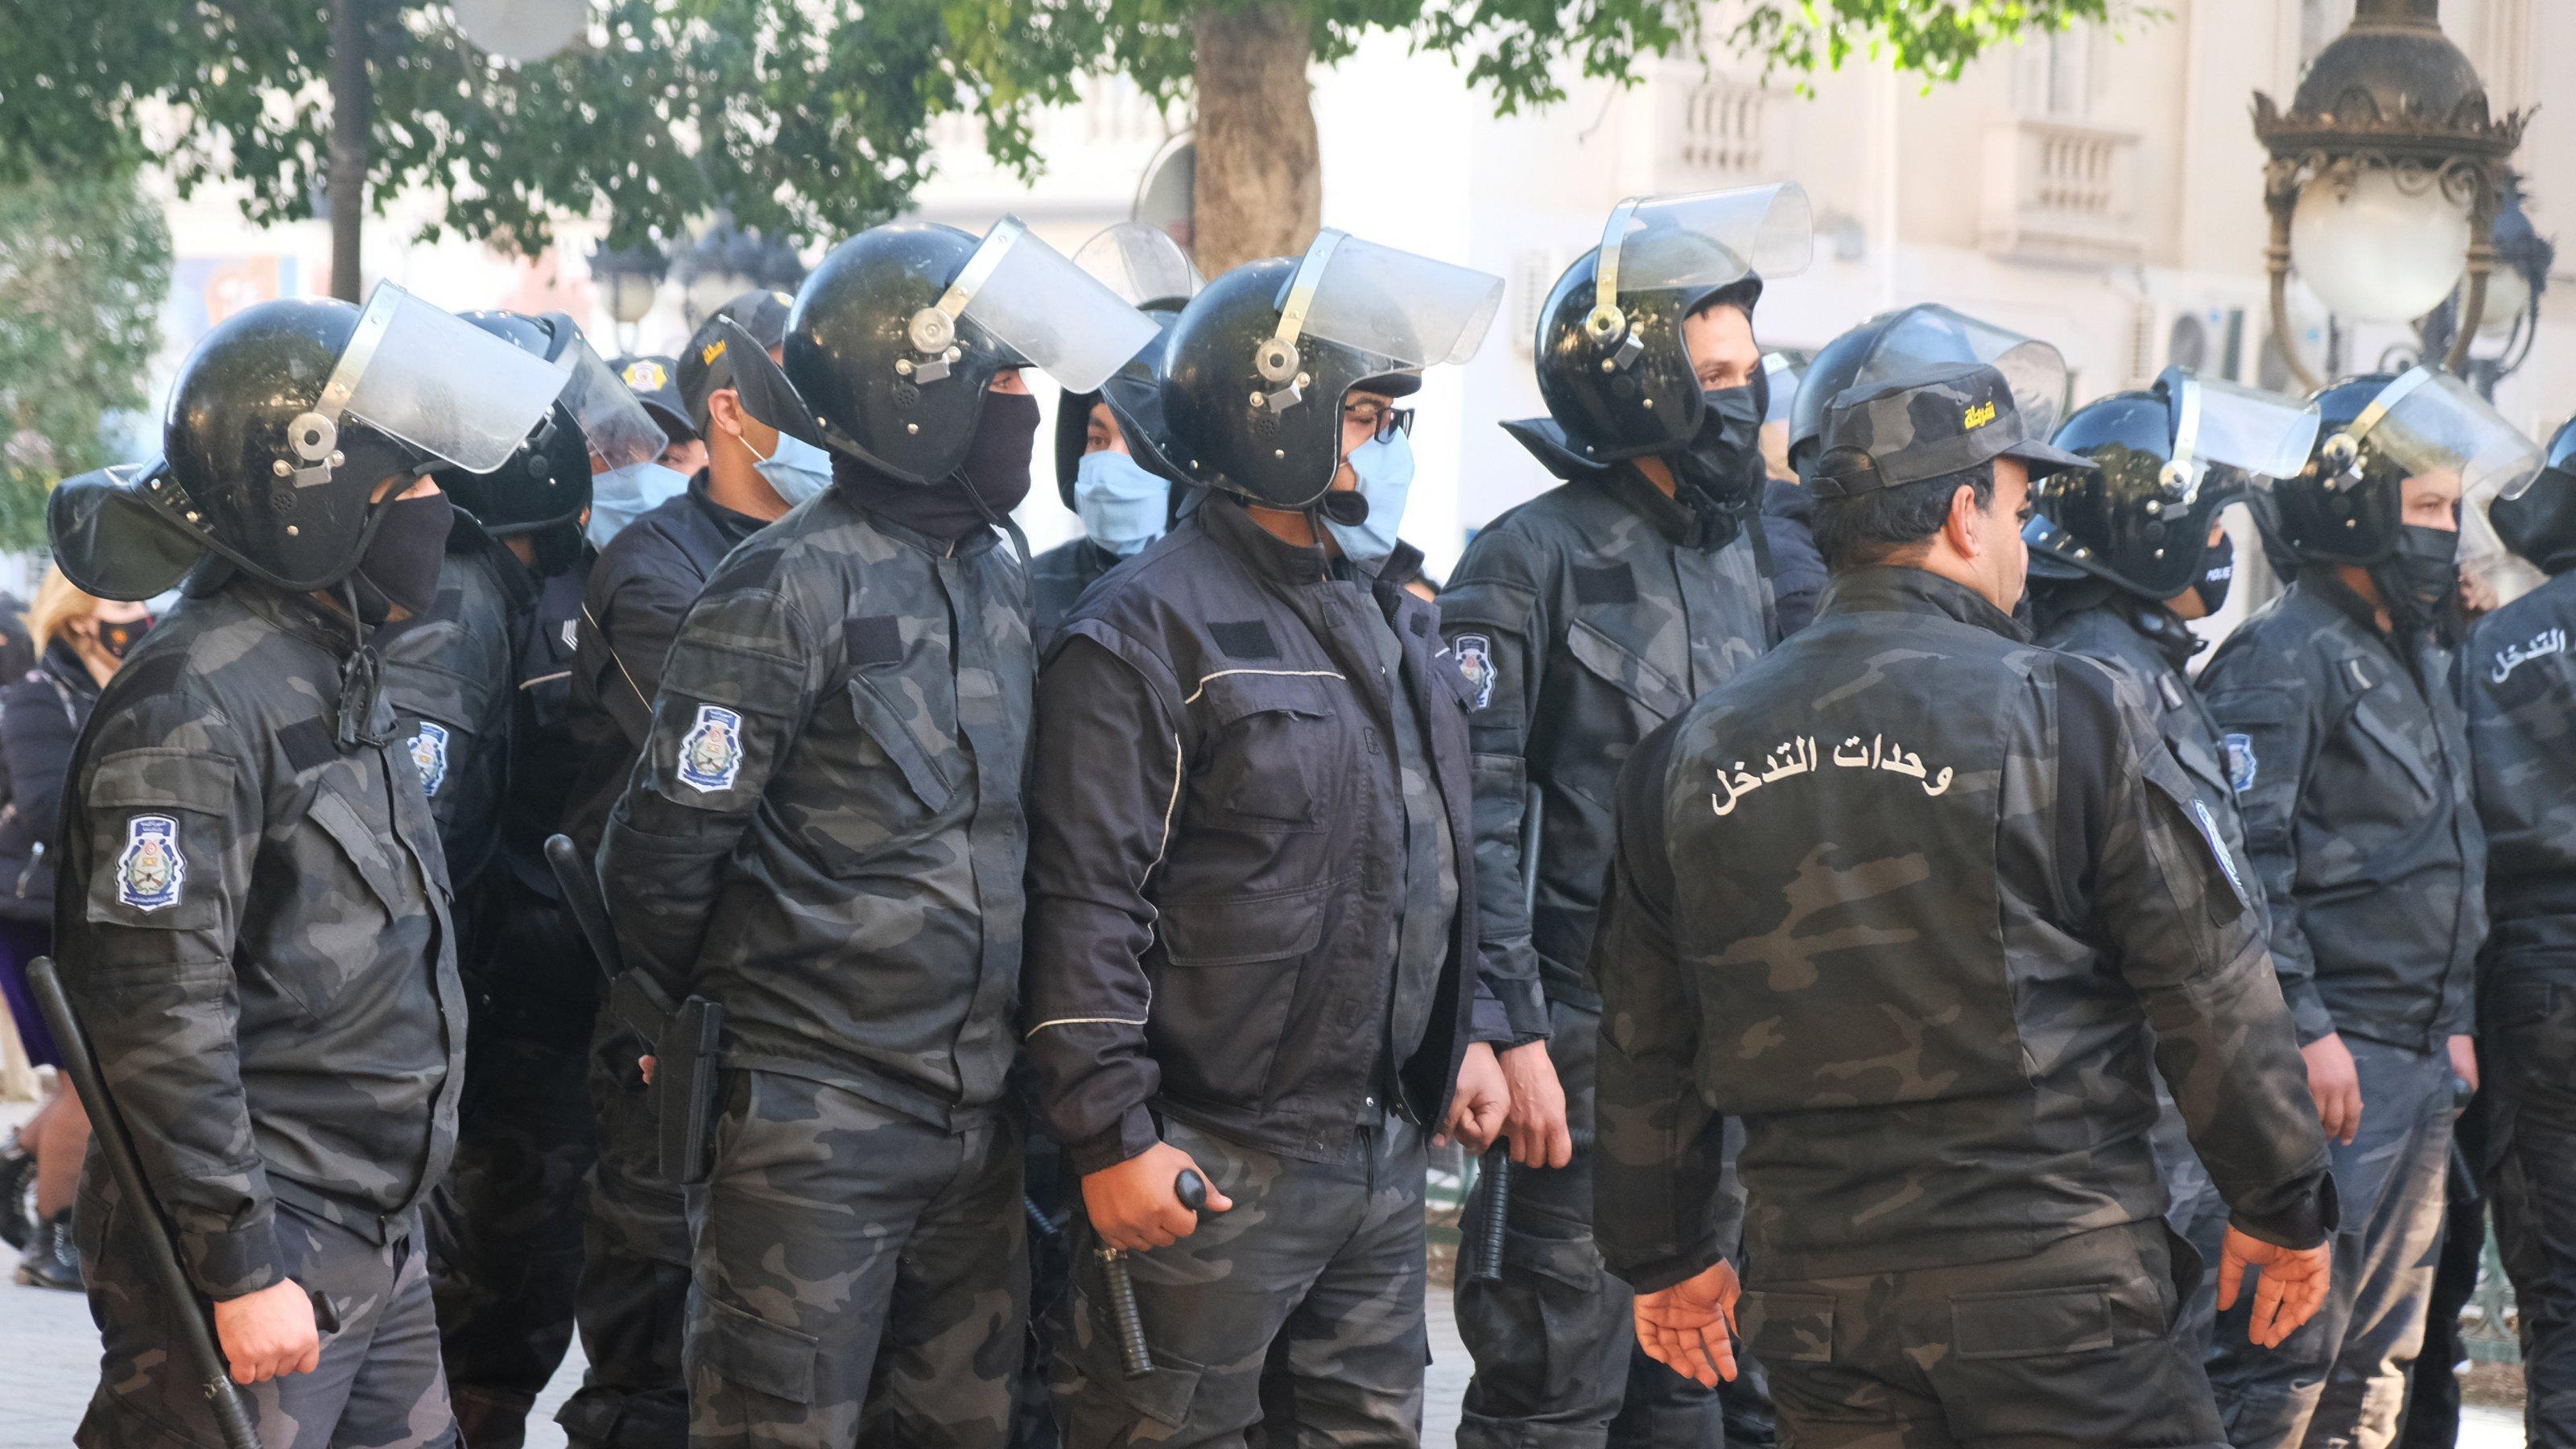 Reihe von Polizisten in schwarzer Uniformen mit Helmen, Schlagstöcken und Gesichtsmasken